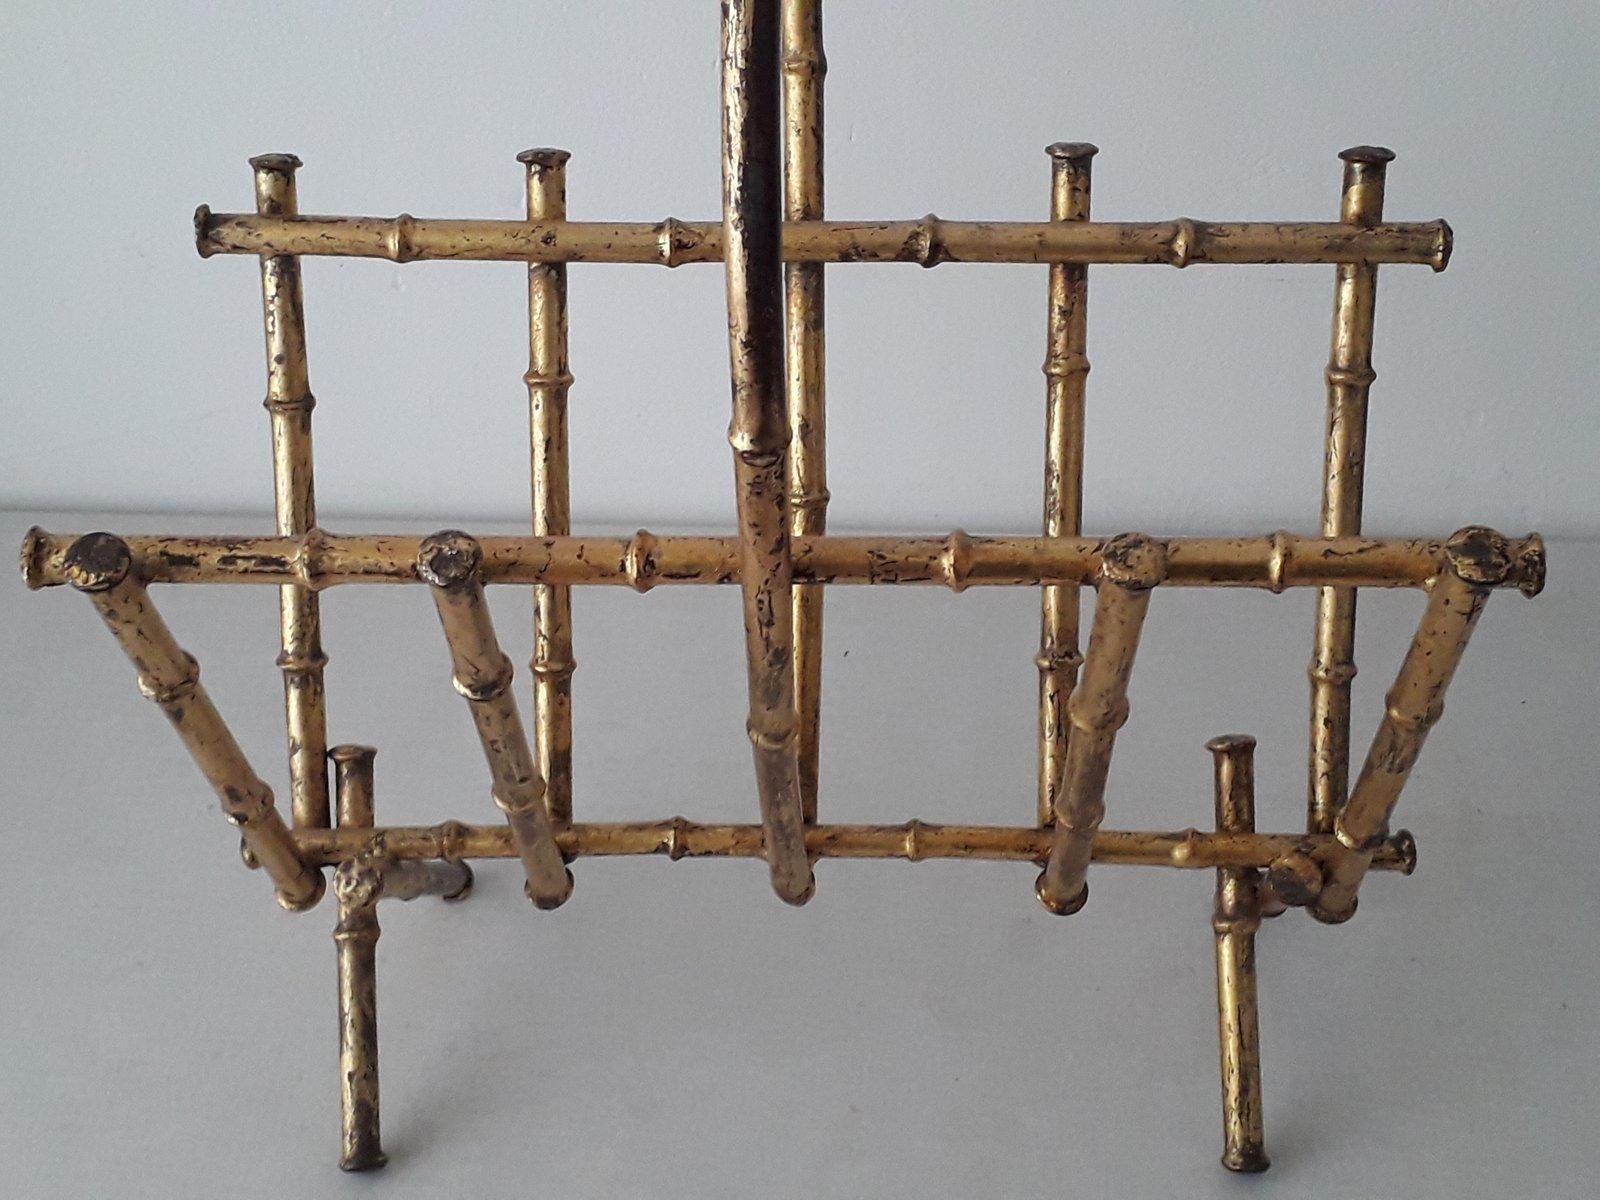 zeitungsst nder aus vergoldetem metall in bambus optik 1950er bei pamono kaufen. Black Bedroom Furniture Sets. Home Design Ideas